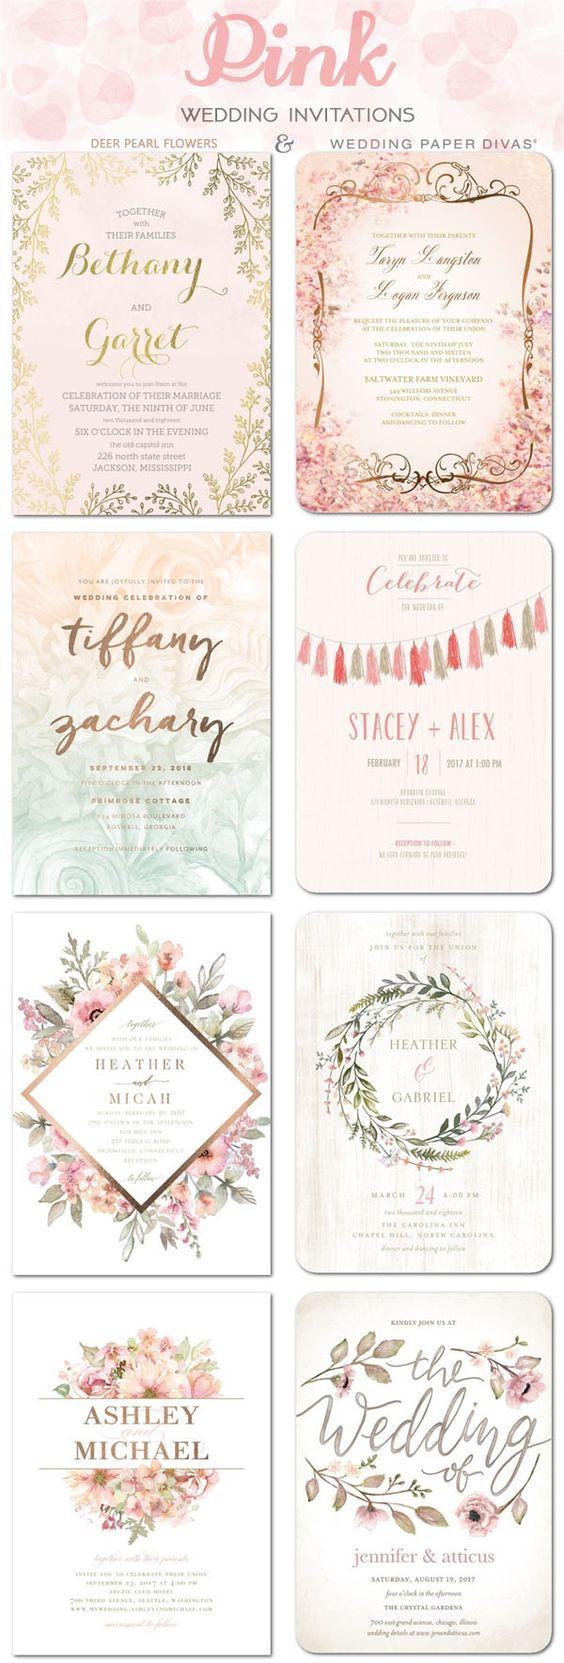 894 best Wedding Invitation images on Pinterest   Invitation ideas ...